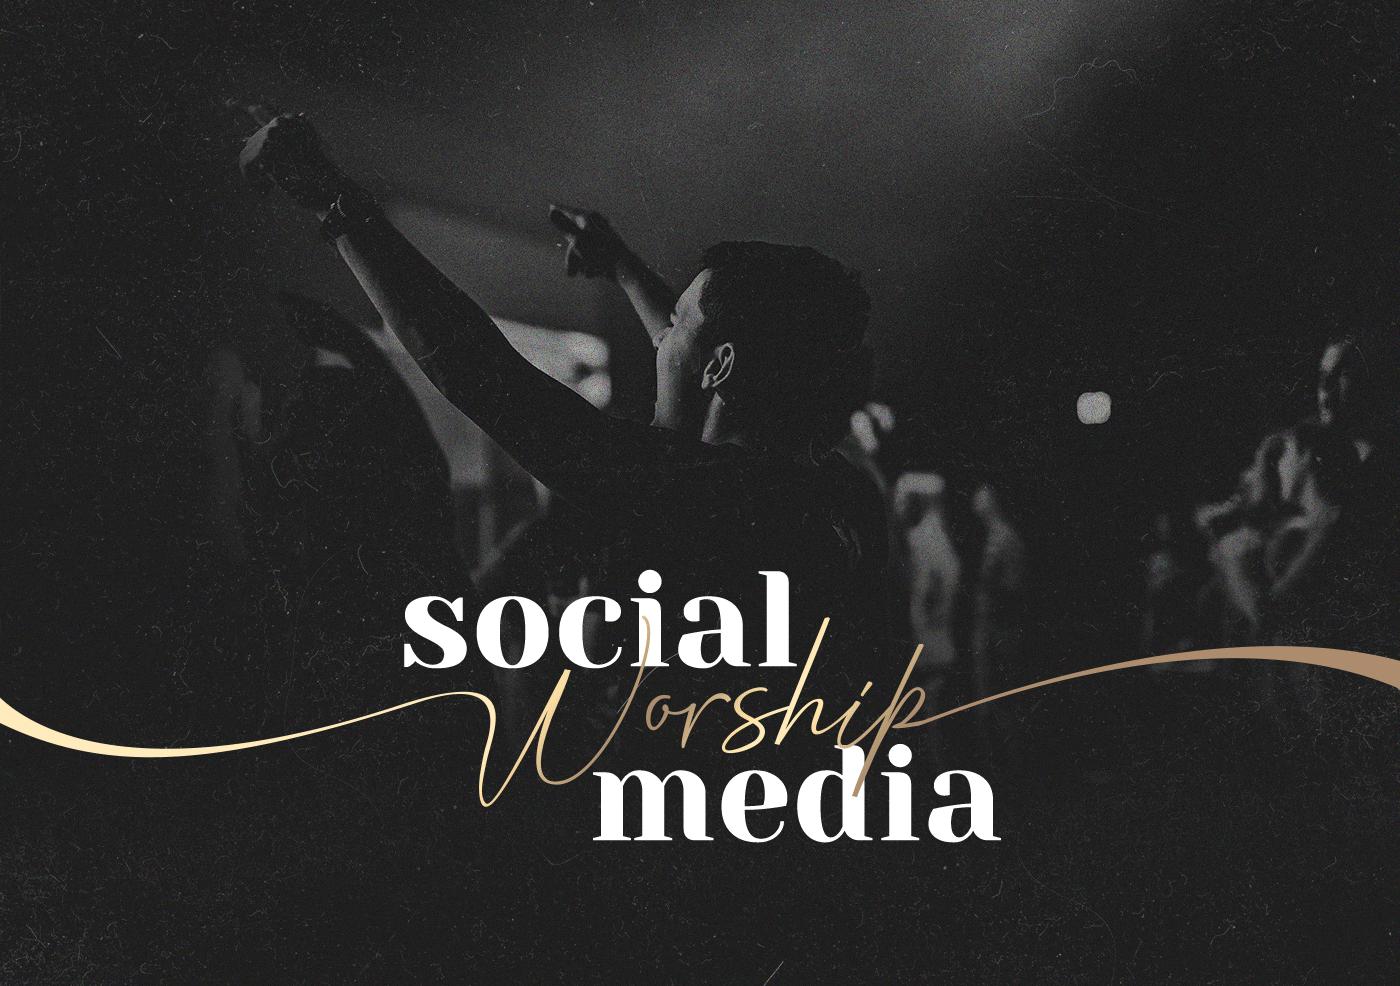 social media mídias sociais facebook worship post instagram hillsong Igreja social media